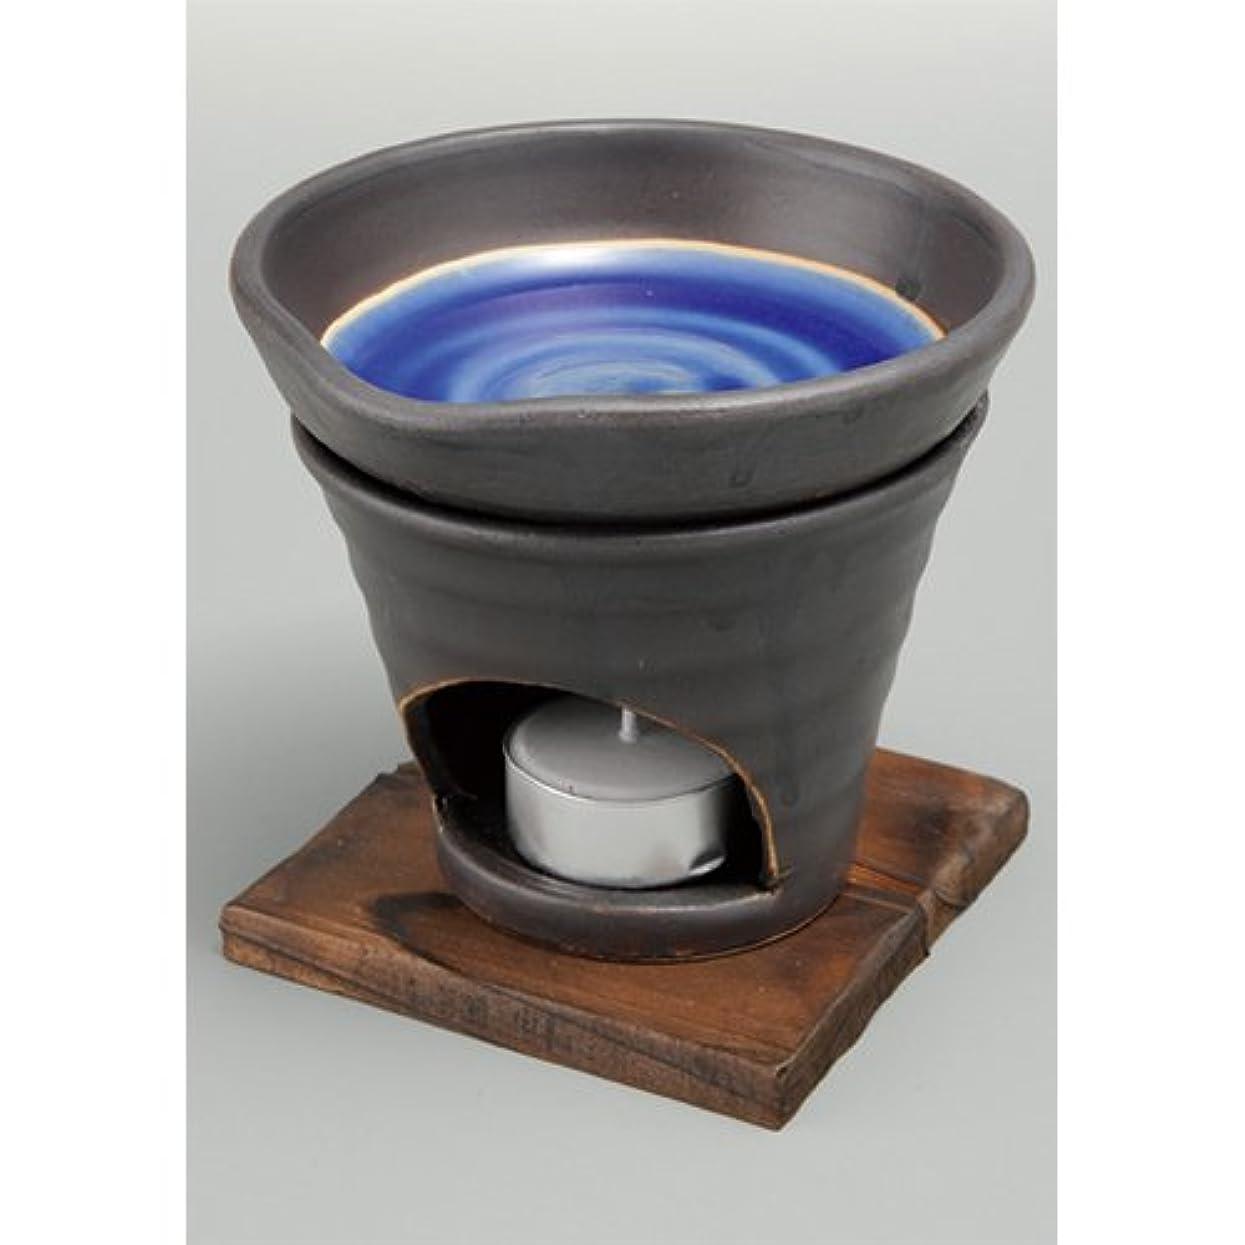 かりて快適確認する香炉 黒釉 茶香炉(青) [R11.8xH11.5cm] HANDMADE プレゼント ギフト 和食器 かわいい インテリア